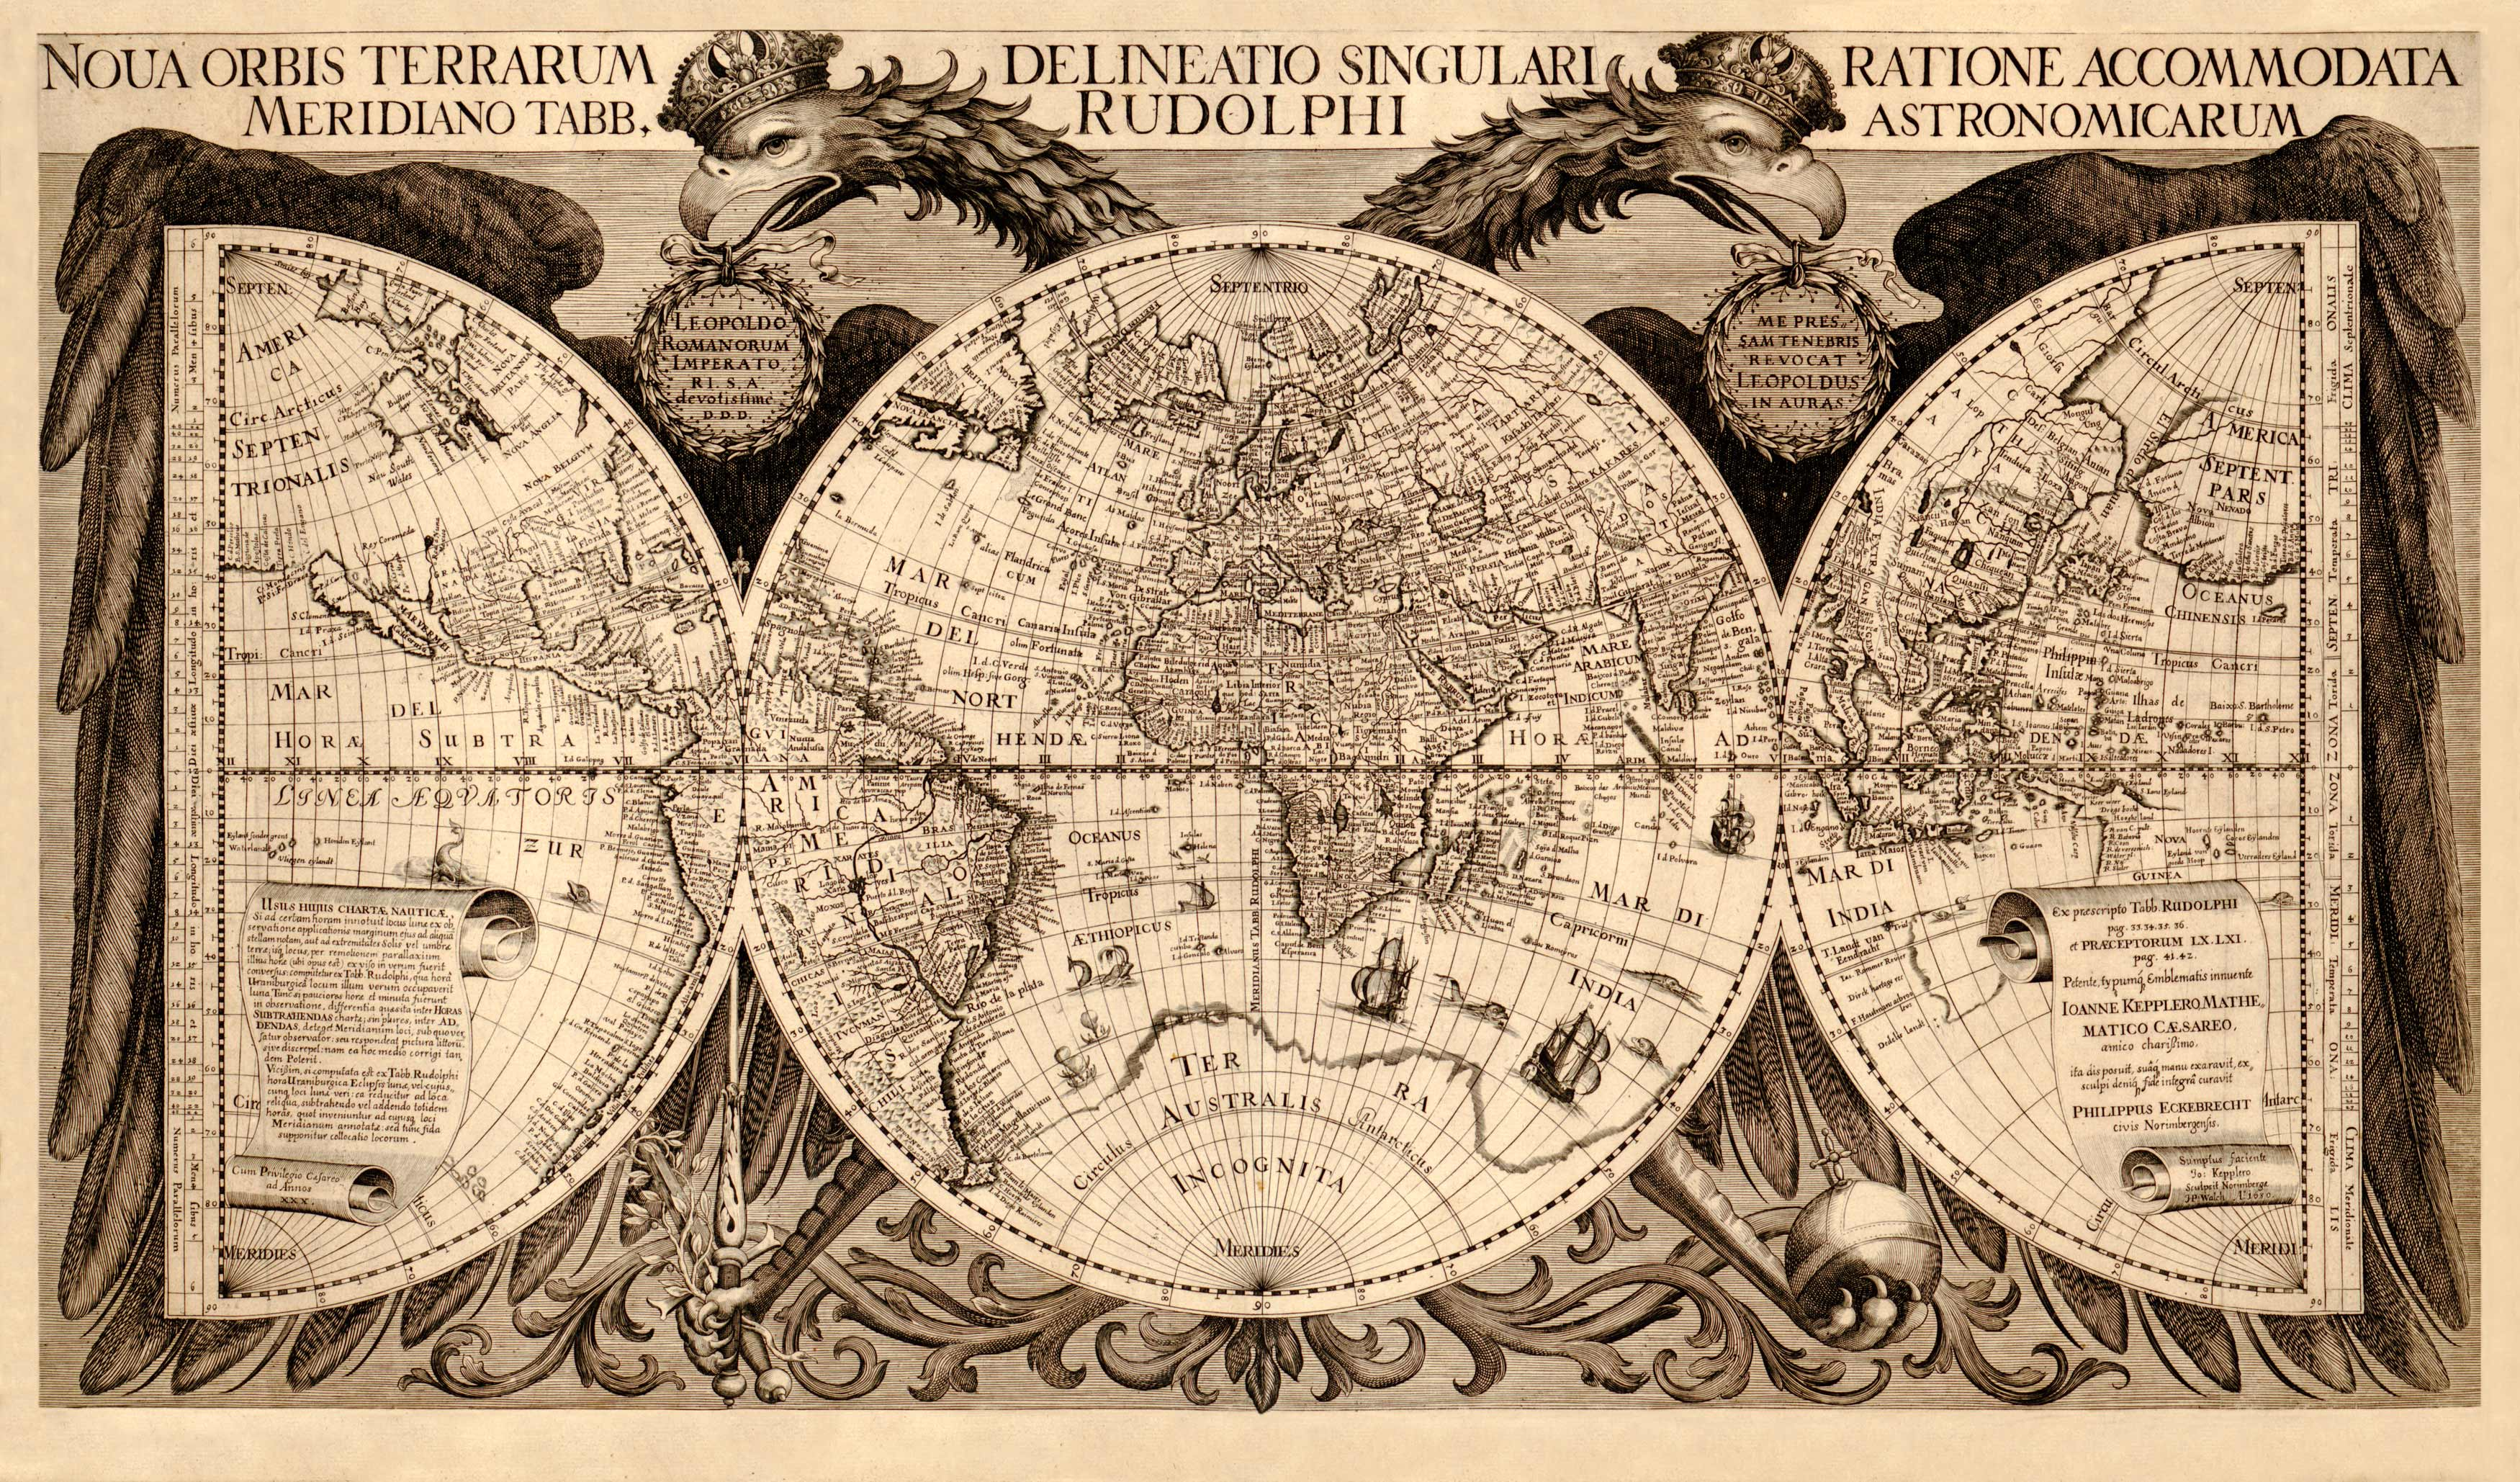 Nova Orbis Terrarum Delineatio Singulari Ratione Accommodata Meridiano Tabb. Rudolphi Astronomicarum